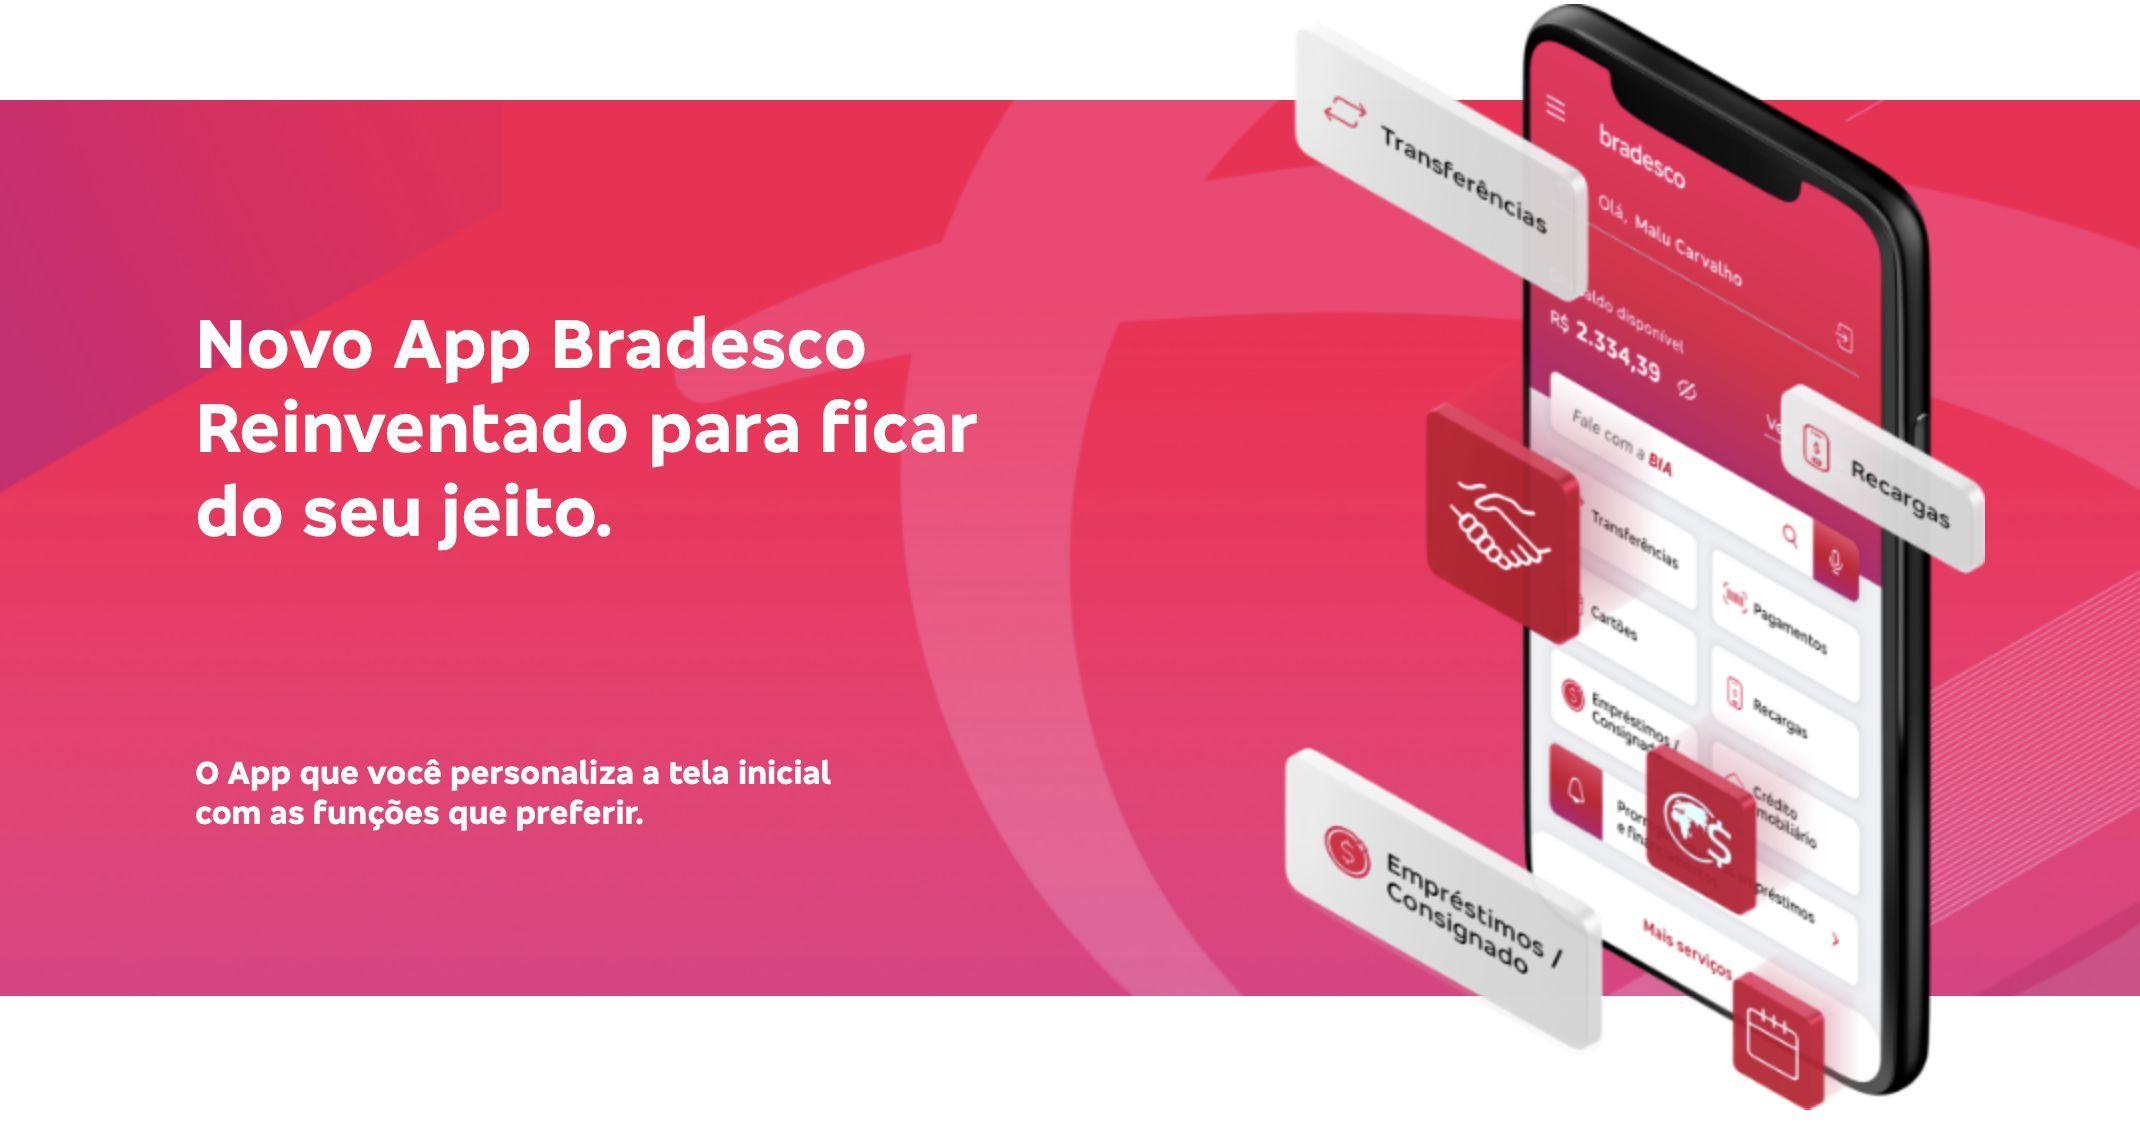 novo App Bradesco